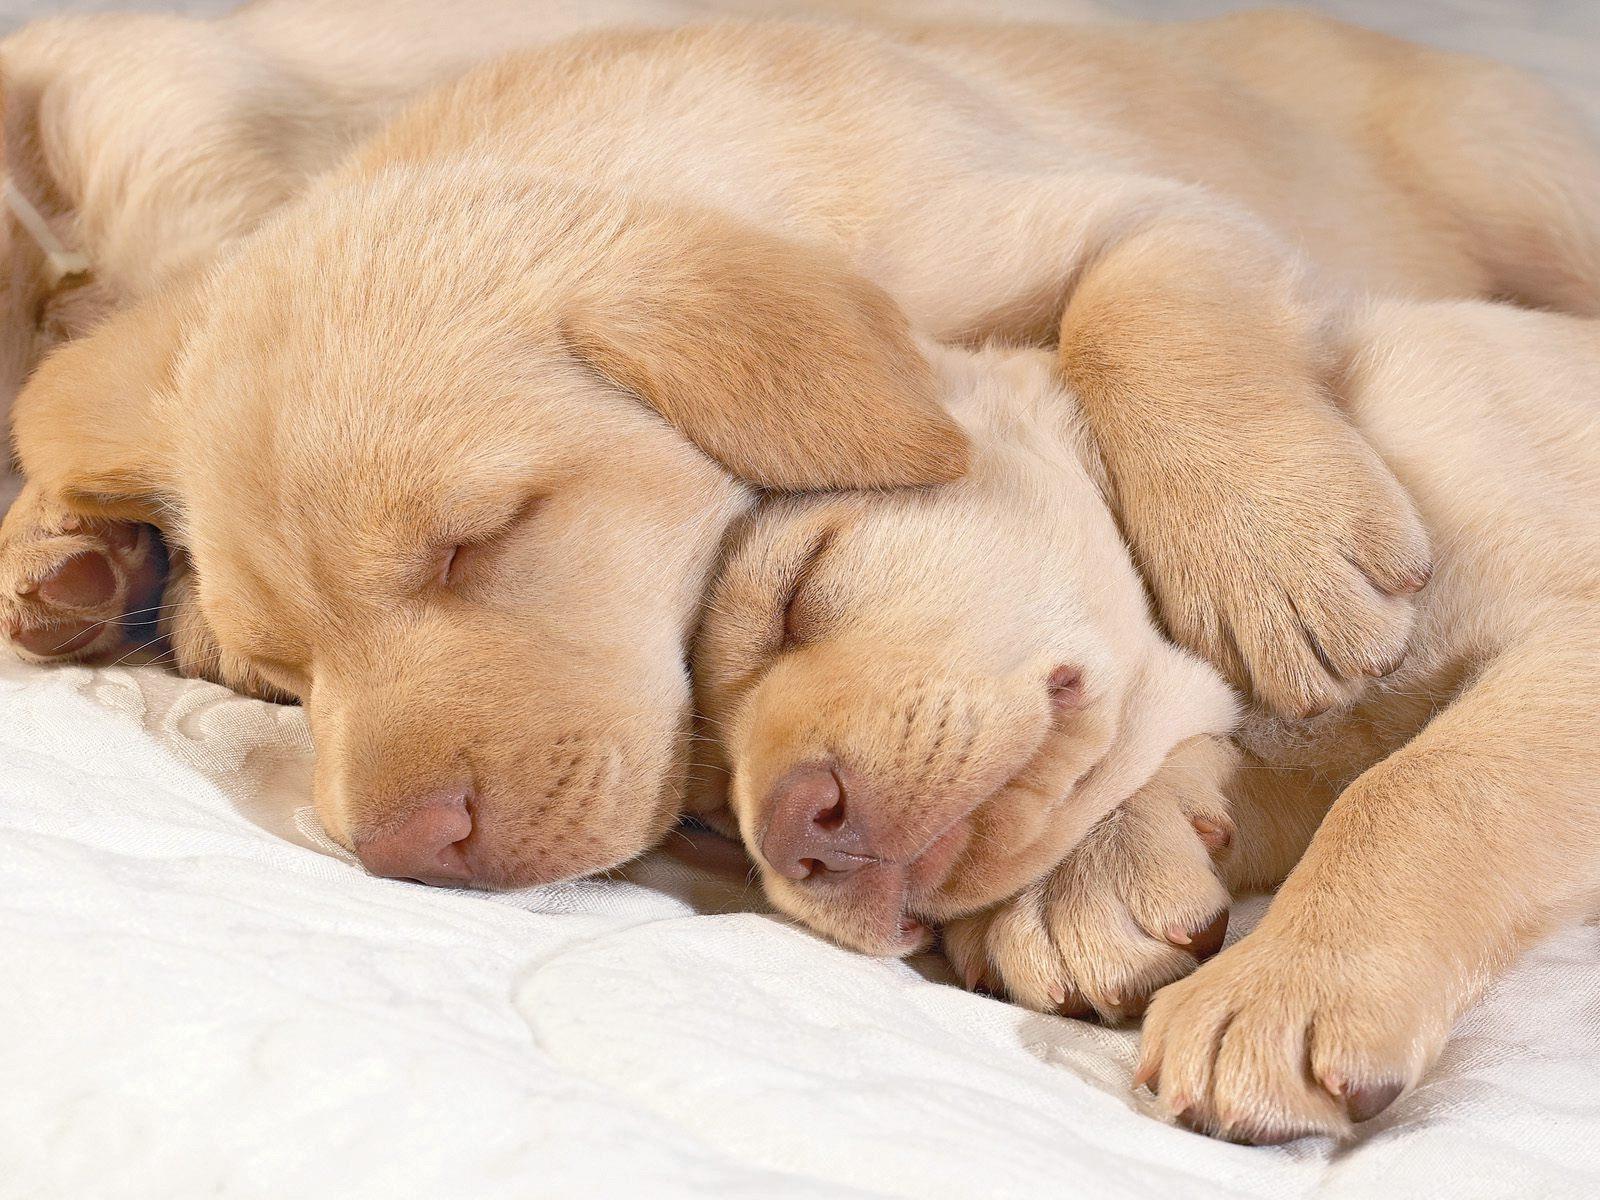 Schweizerischer Niederlaufhund Puppies: Schweizerischer Sleeping Golden Retriever Puppies Breed